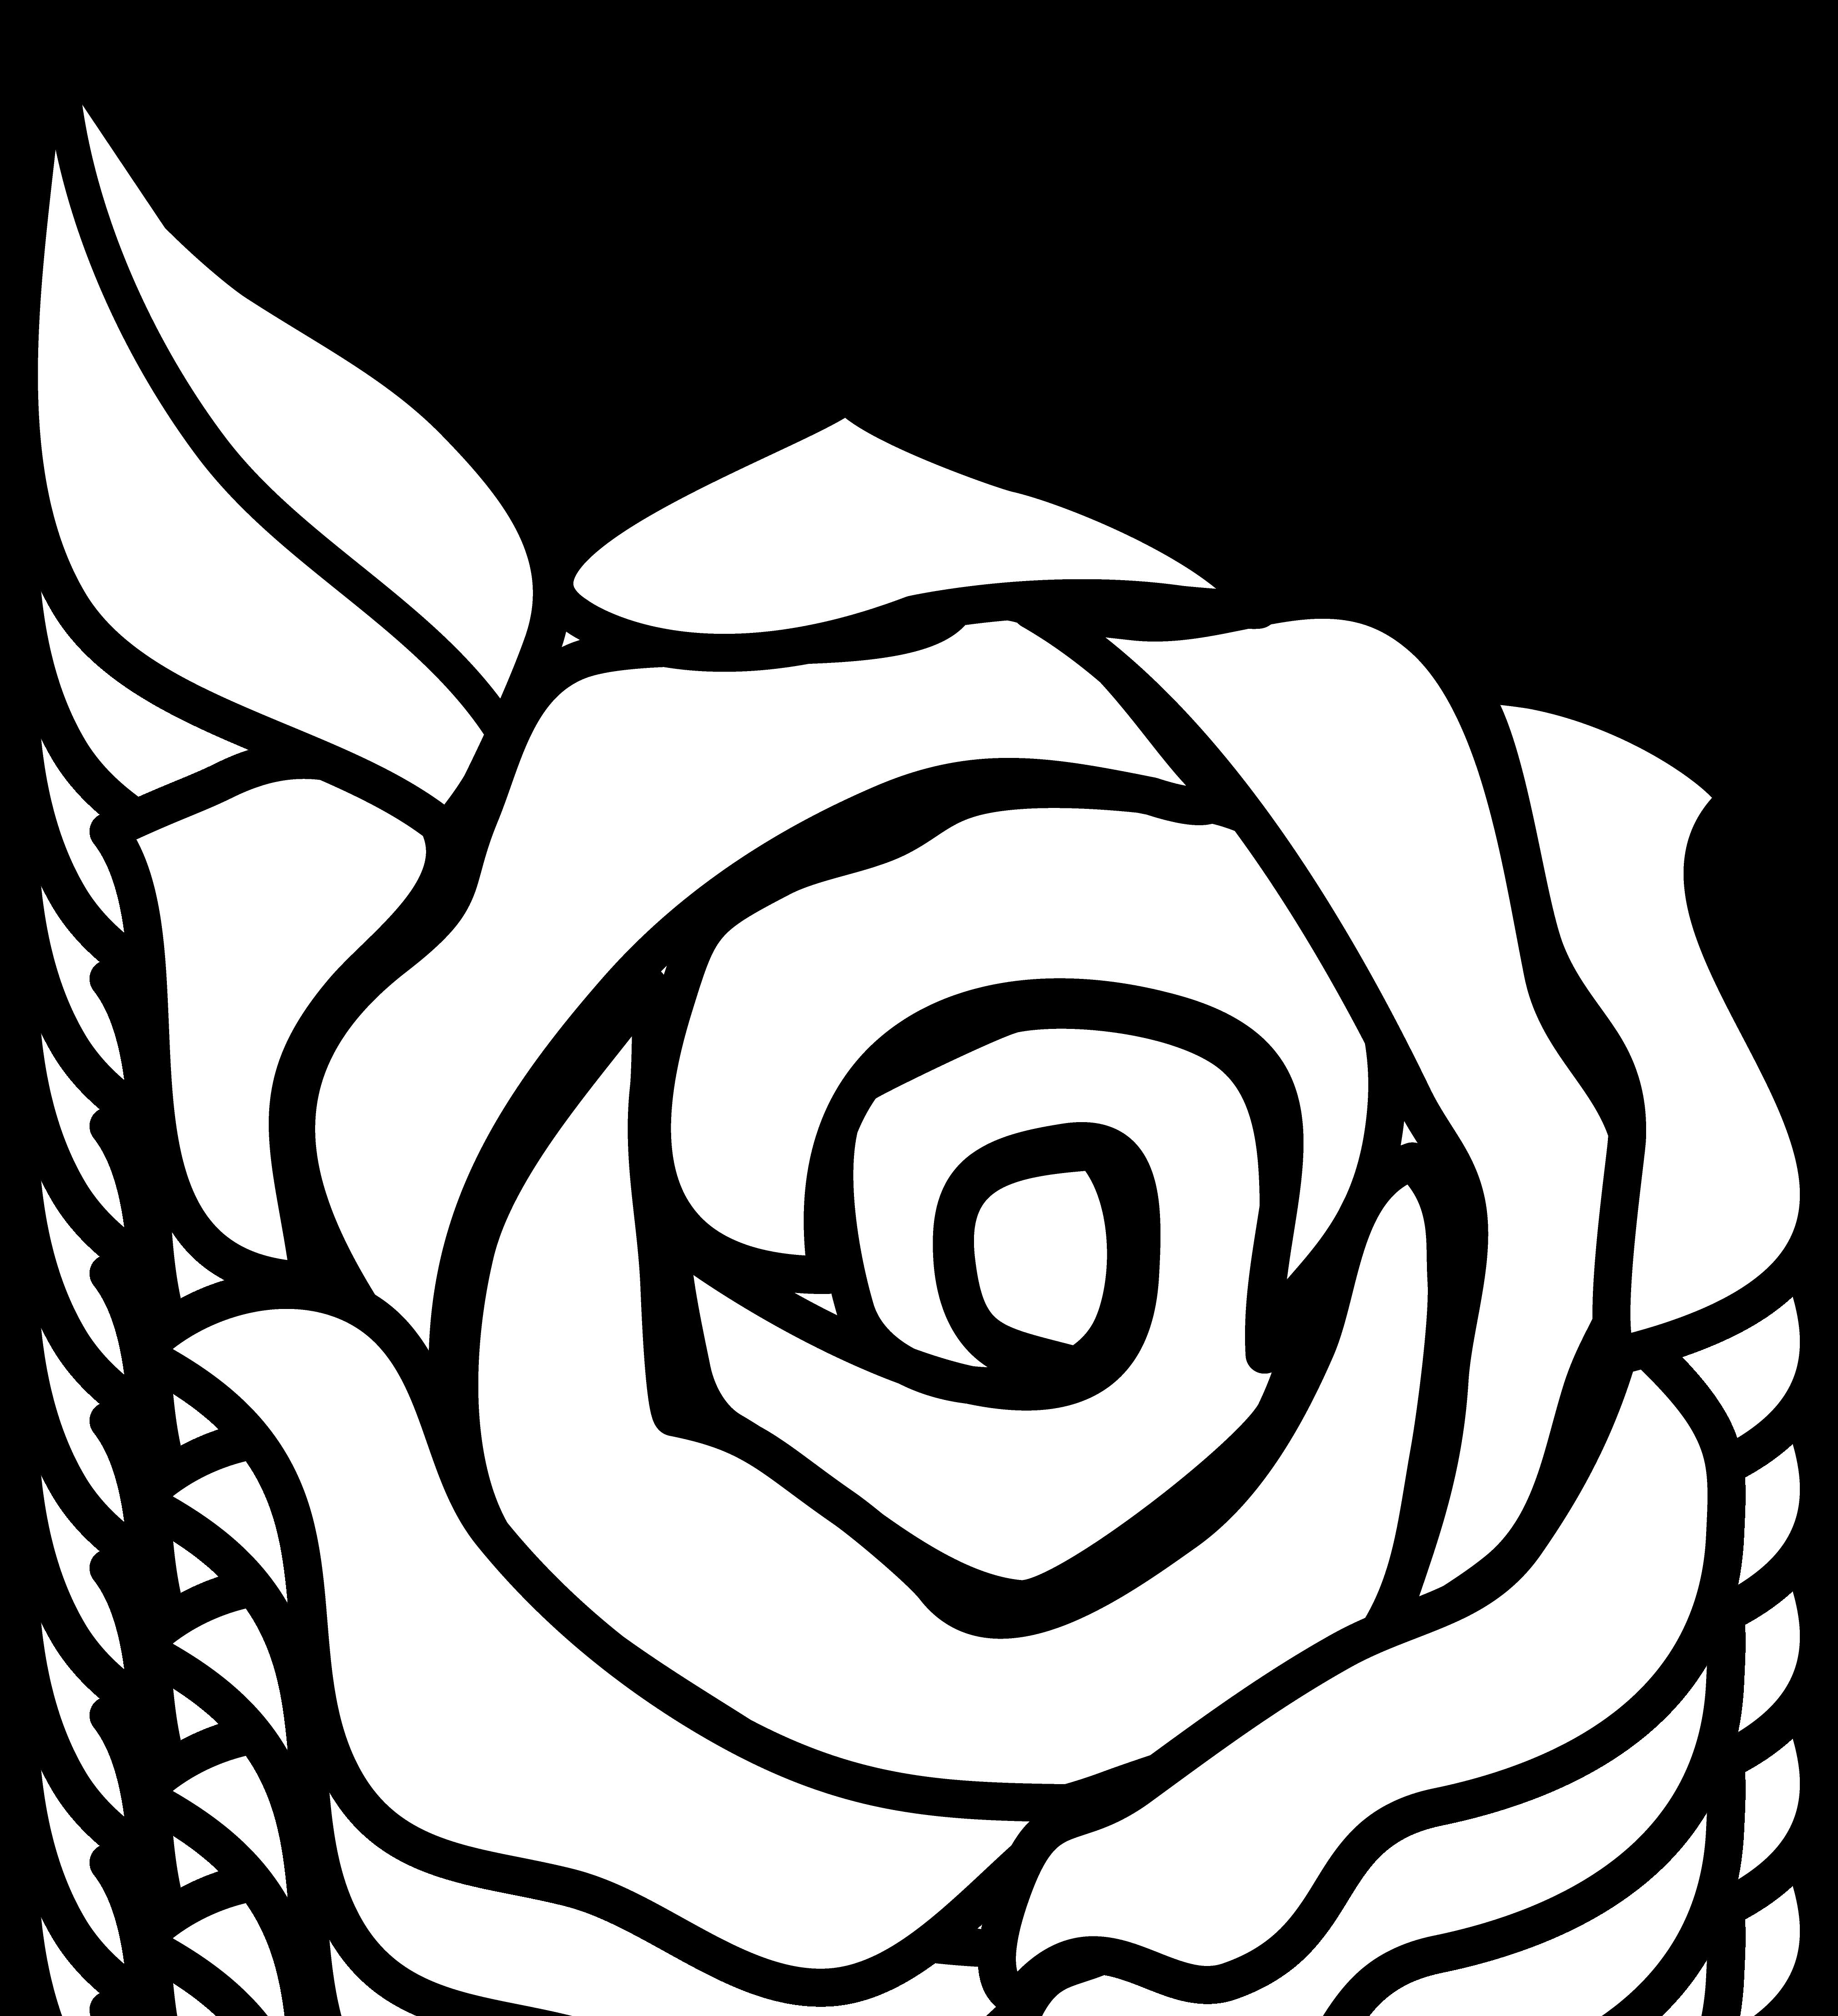 4042x4434 Knumathise Rose Clip Art Black And White Images